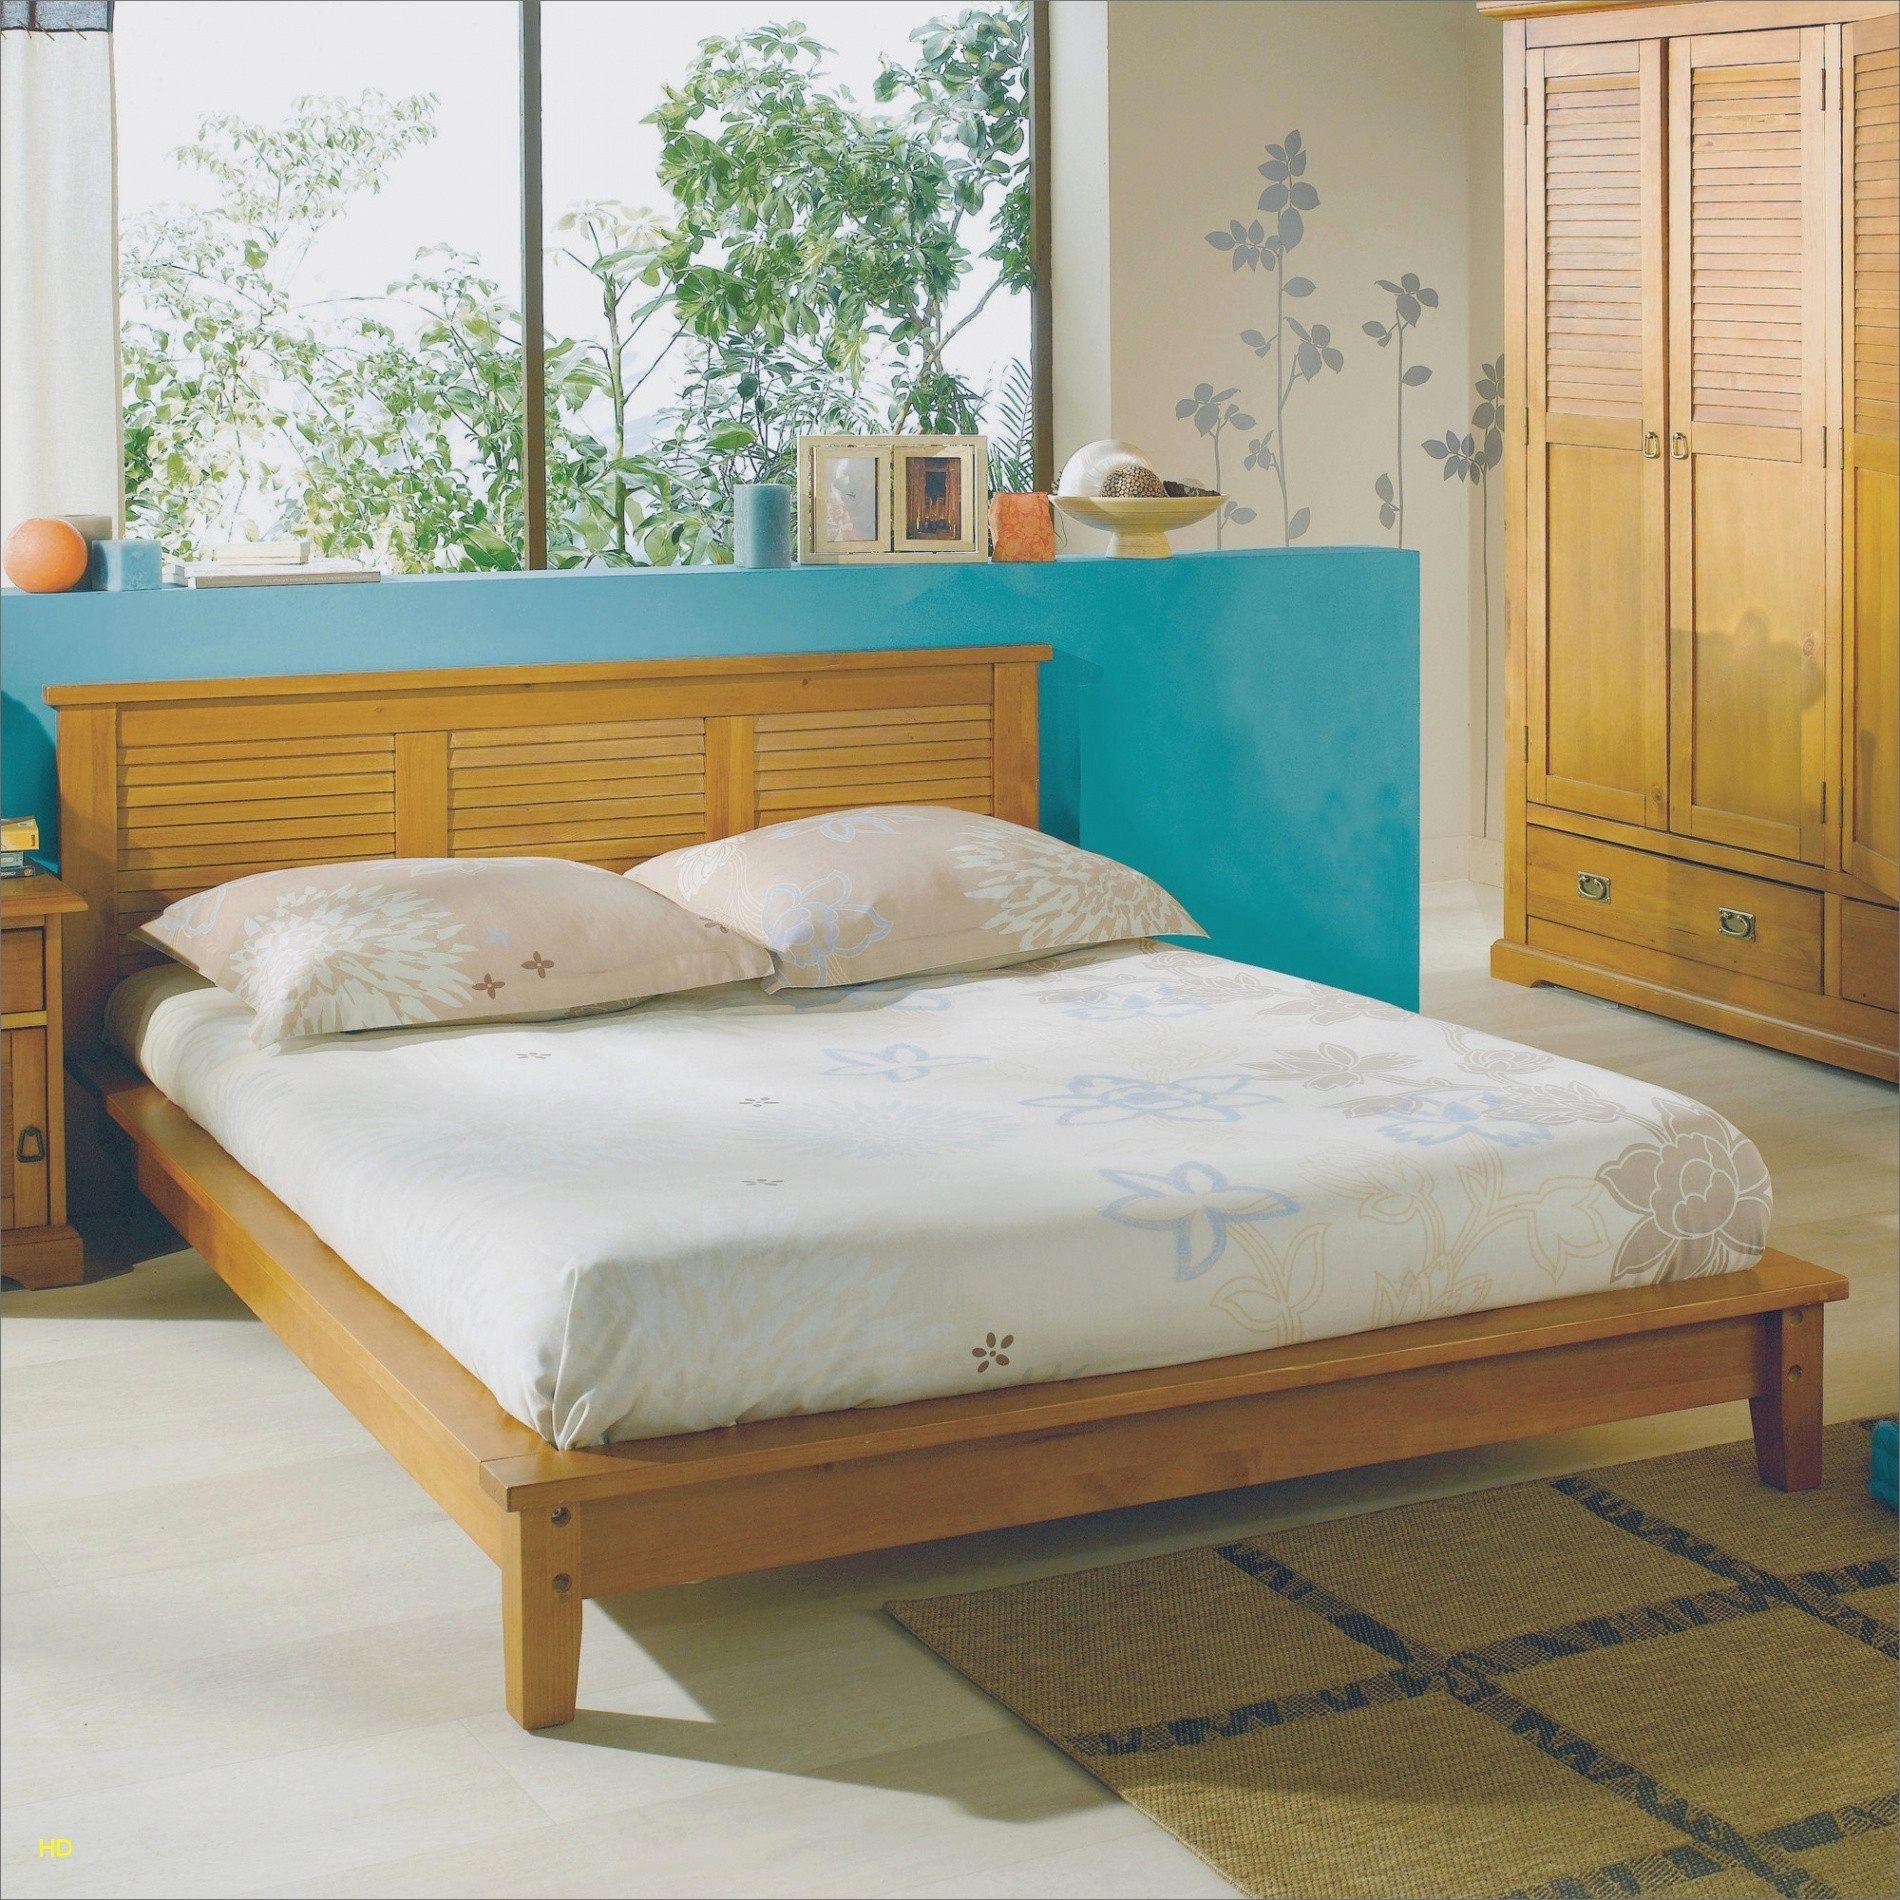 Lit Avec Tete De Lit Rangement Impressionnant Tete De Lit Rangement 160 Ikea Tete De Lit 160 Meilleur De Image